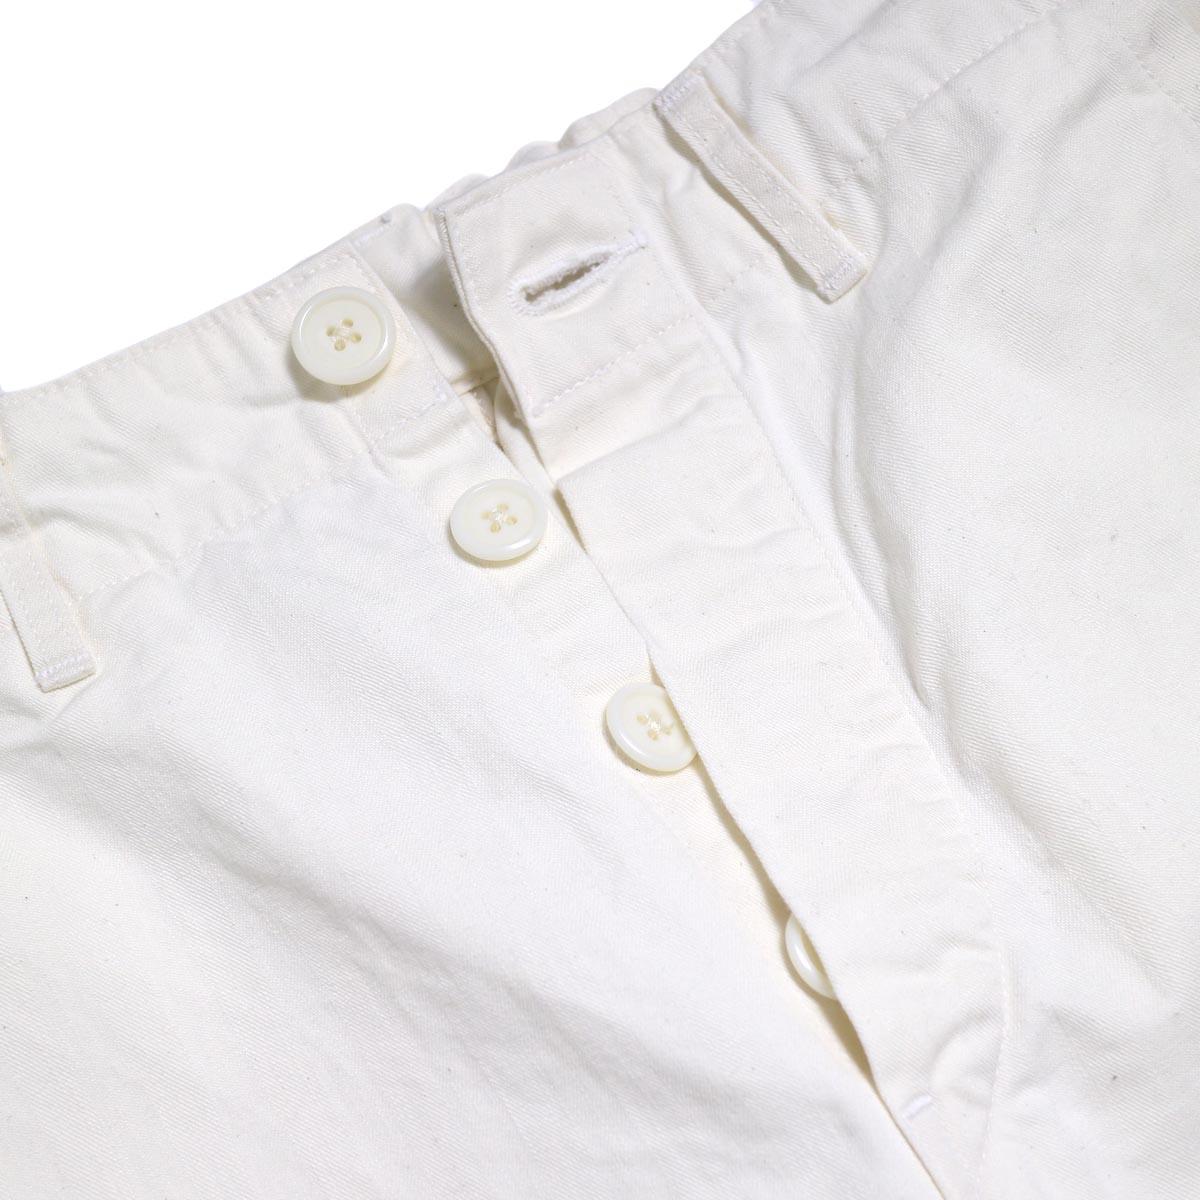 orSlow / French Work Pants -Ecru ボタンフライ